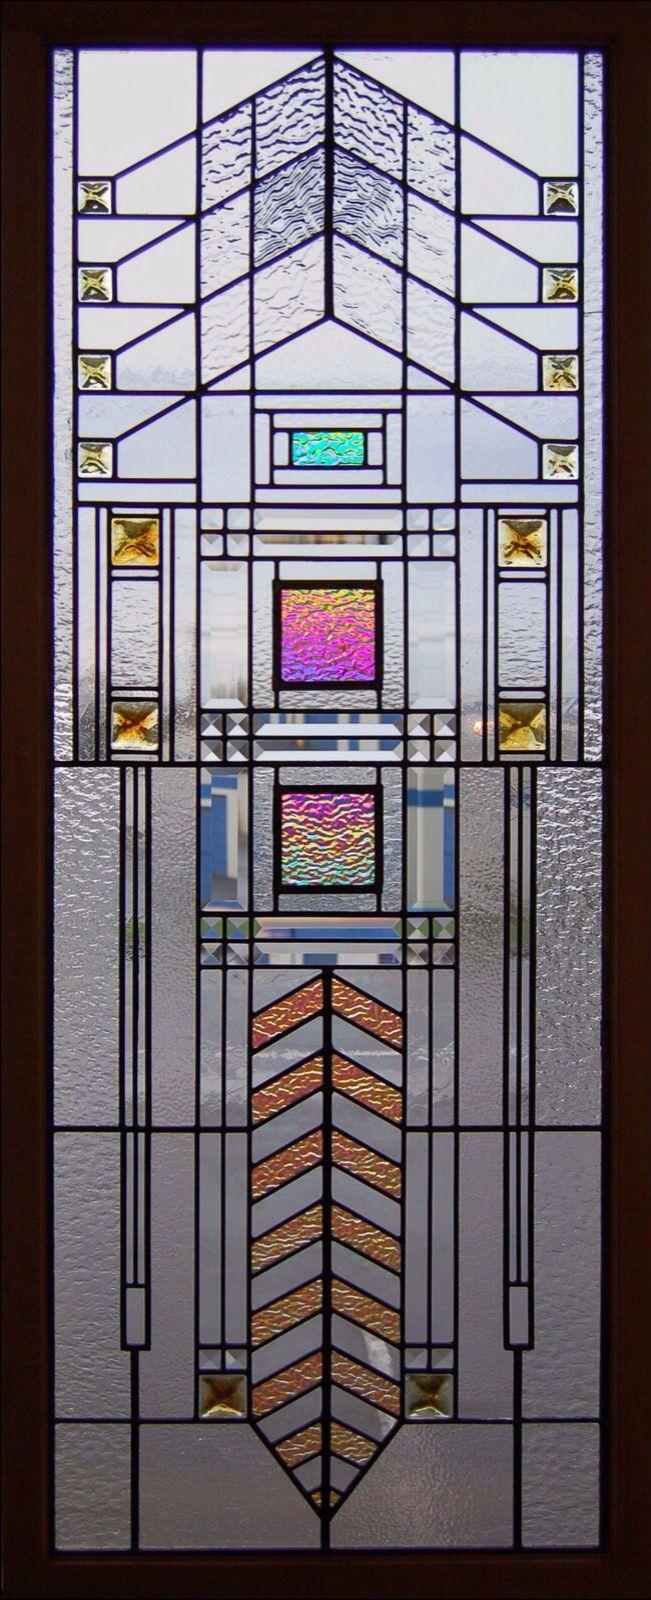 133 besten stained glass art bilder auf pinterest buntglasfenster kristalle und meerjungfrauen. Black Bedroom Furniture Sets. Home Design Ideas